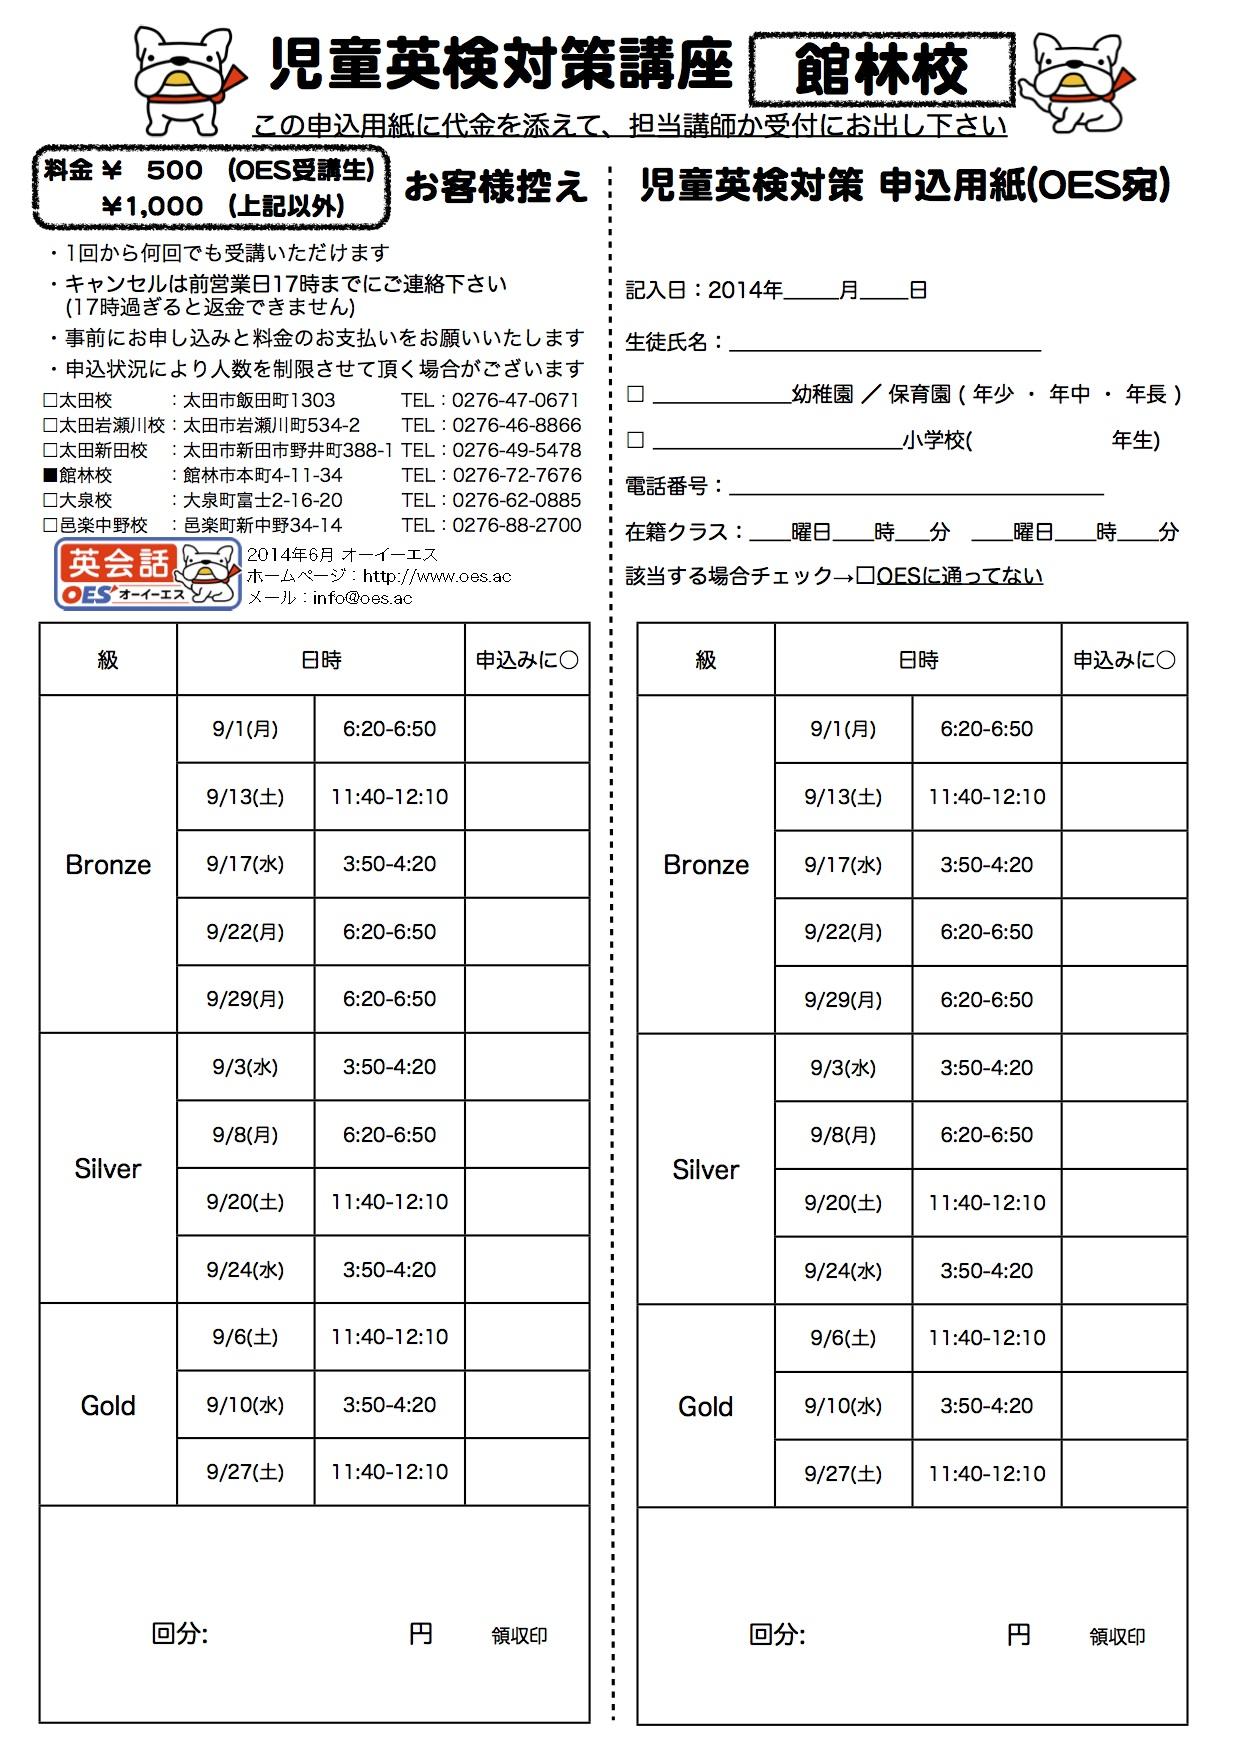 申込用紙 2014-2 館林校 9月分